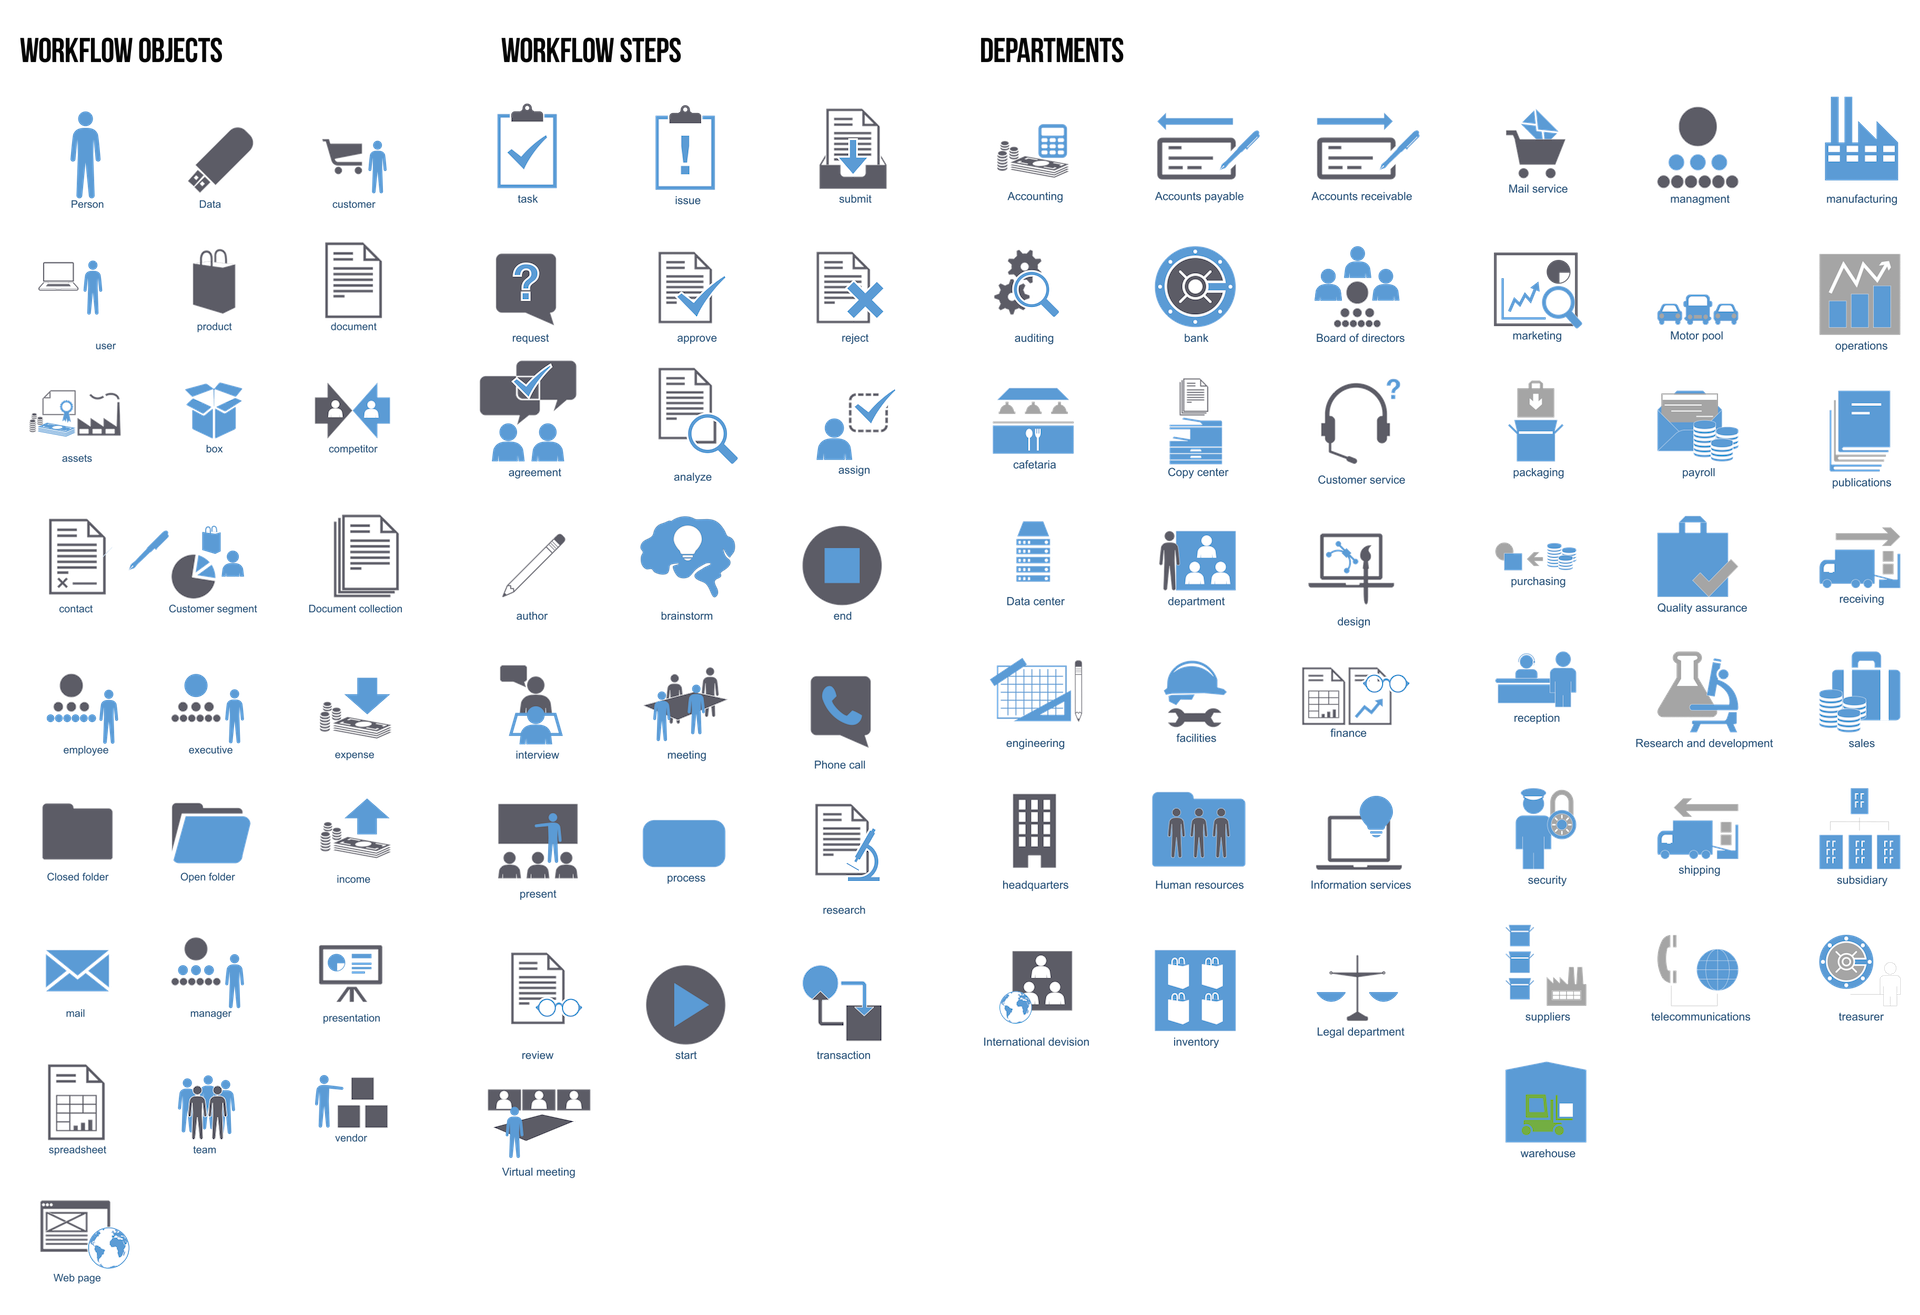 Workflow Stencils